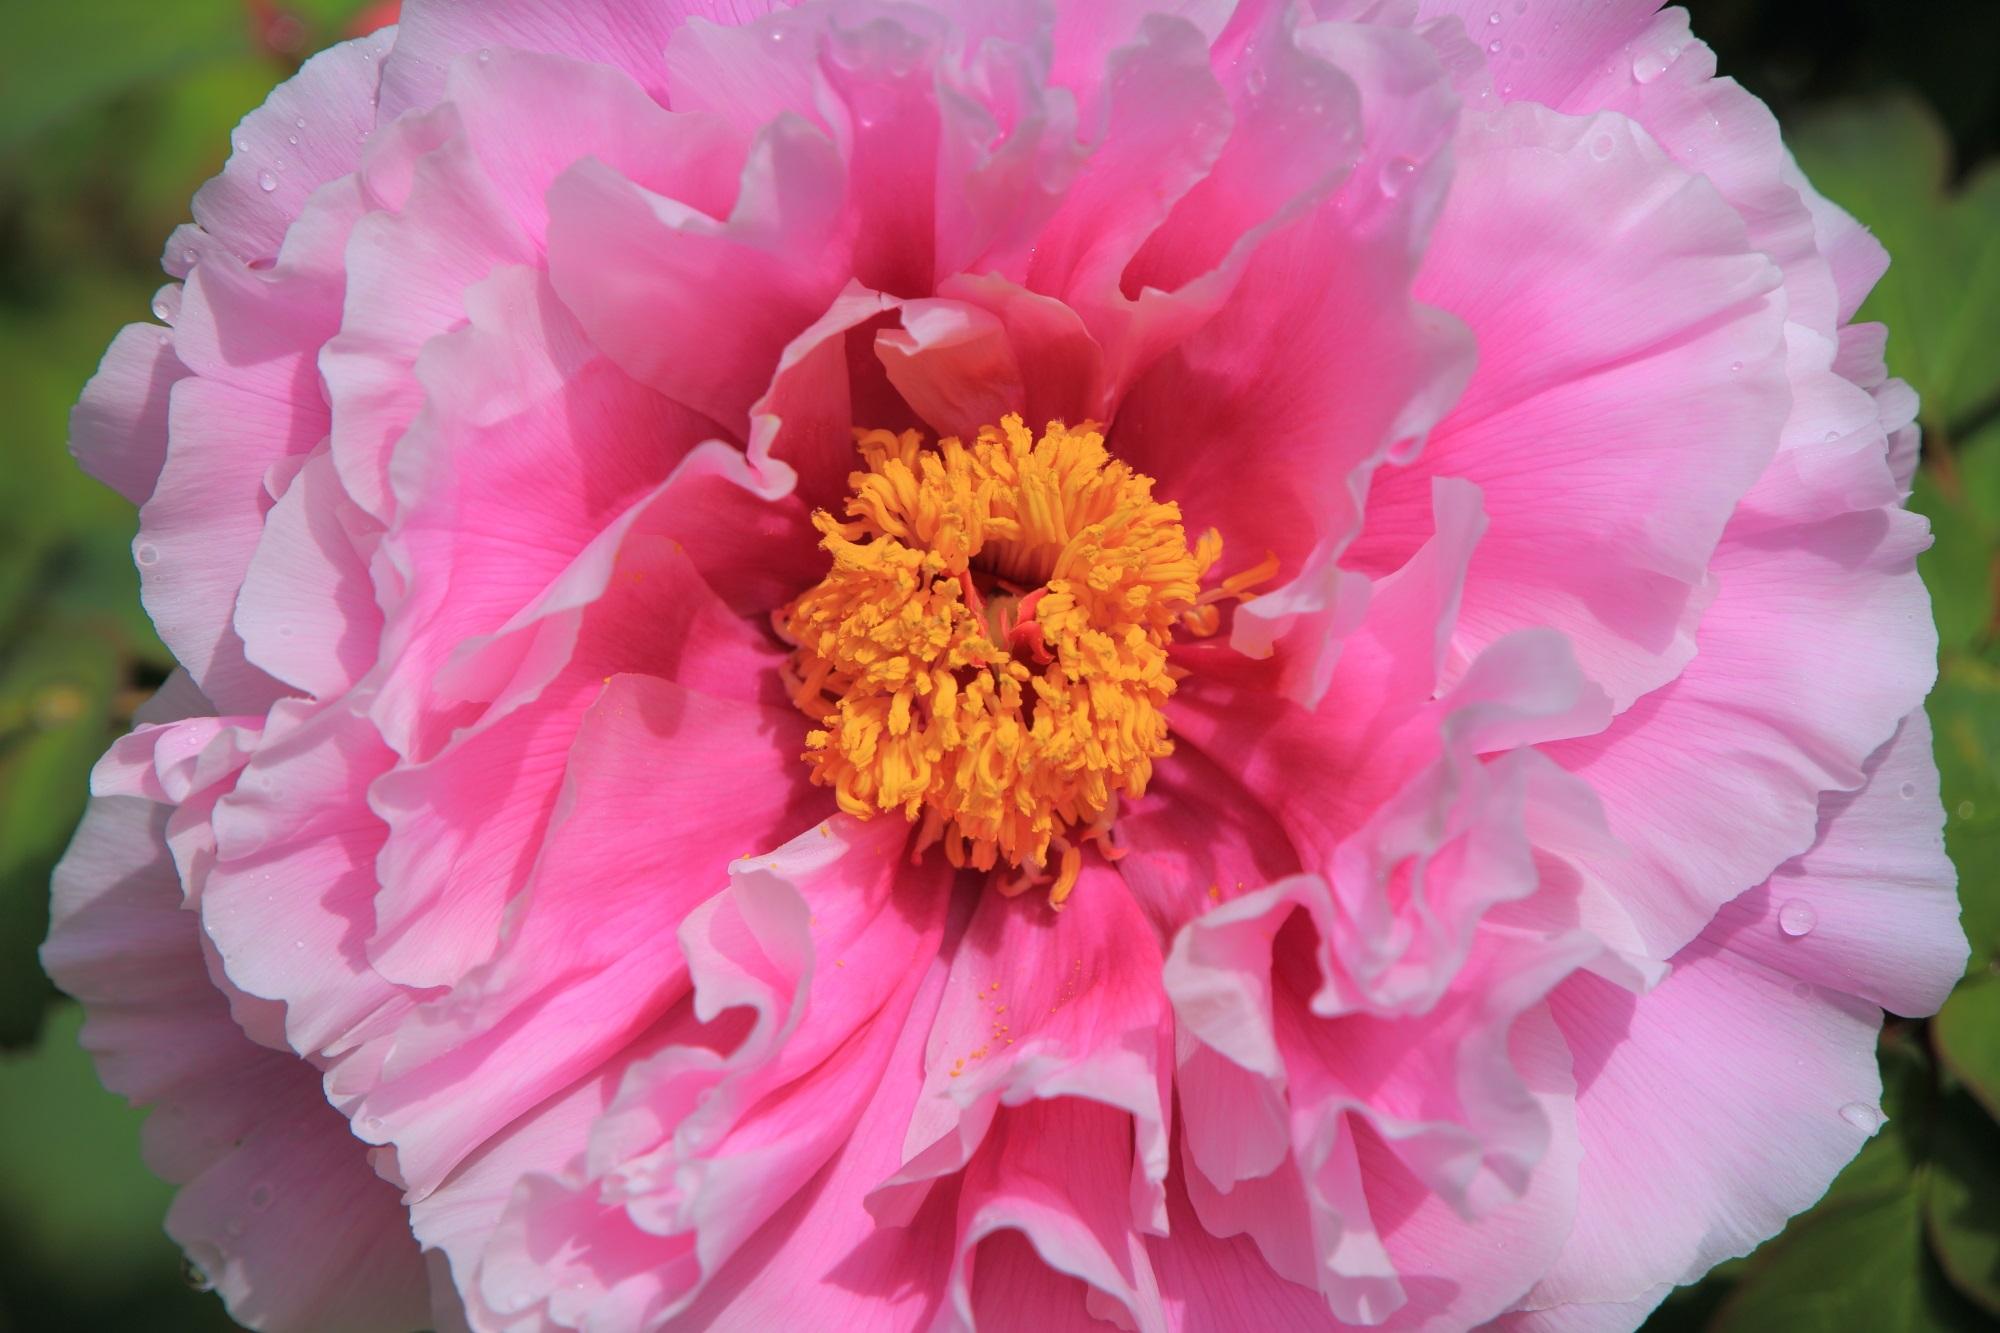 色だけでなく花びらにも様々な形や大きさがある牡丹の花